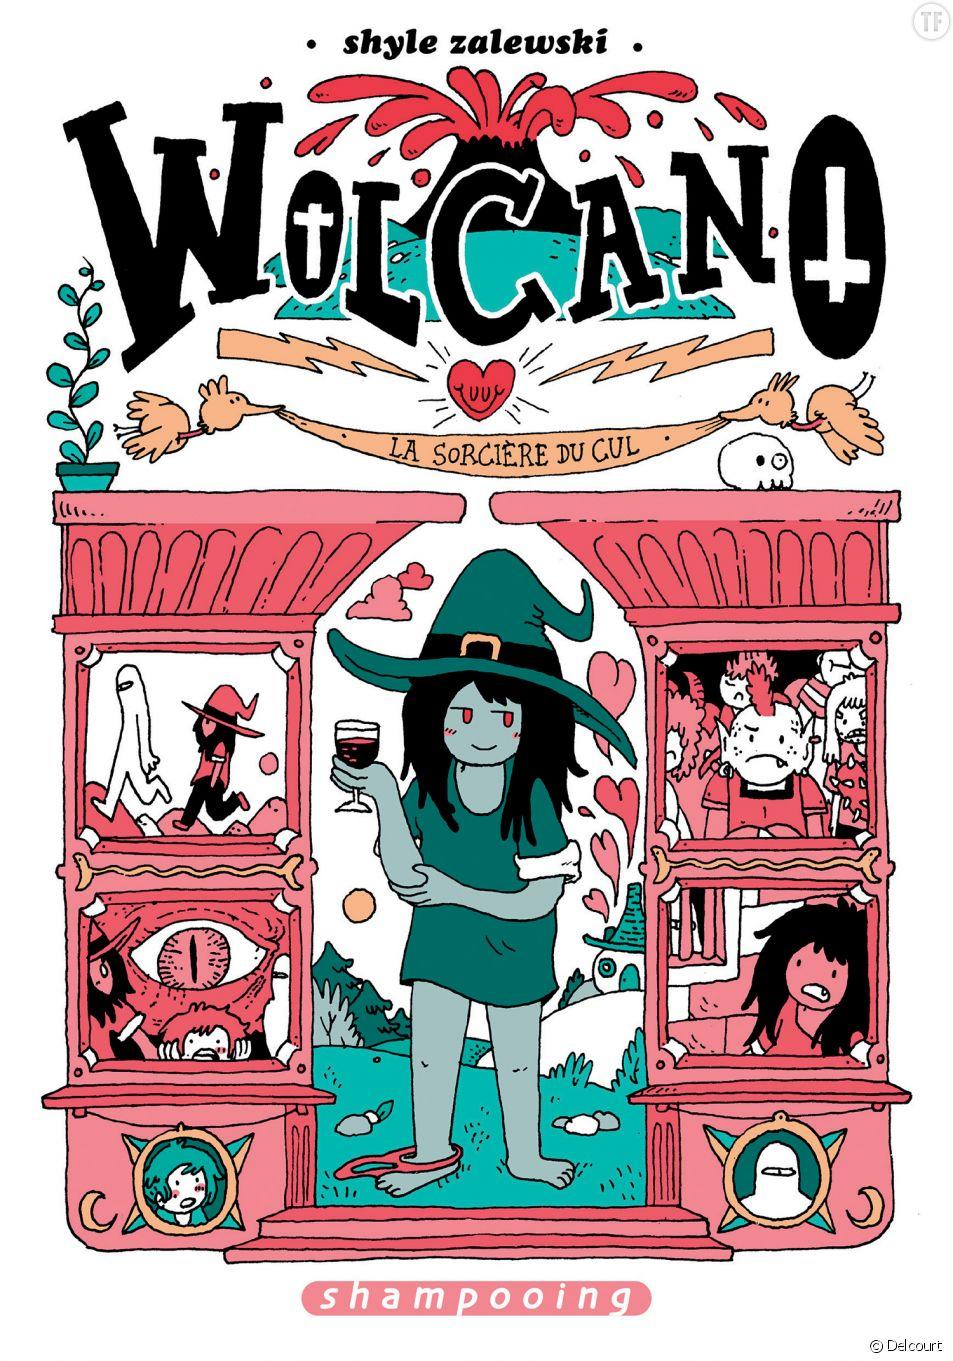 """Le délirant """"Wolcano, la sorcière du cul"""" aux éditions Delcourt."""